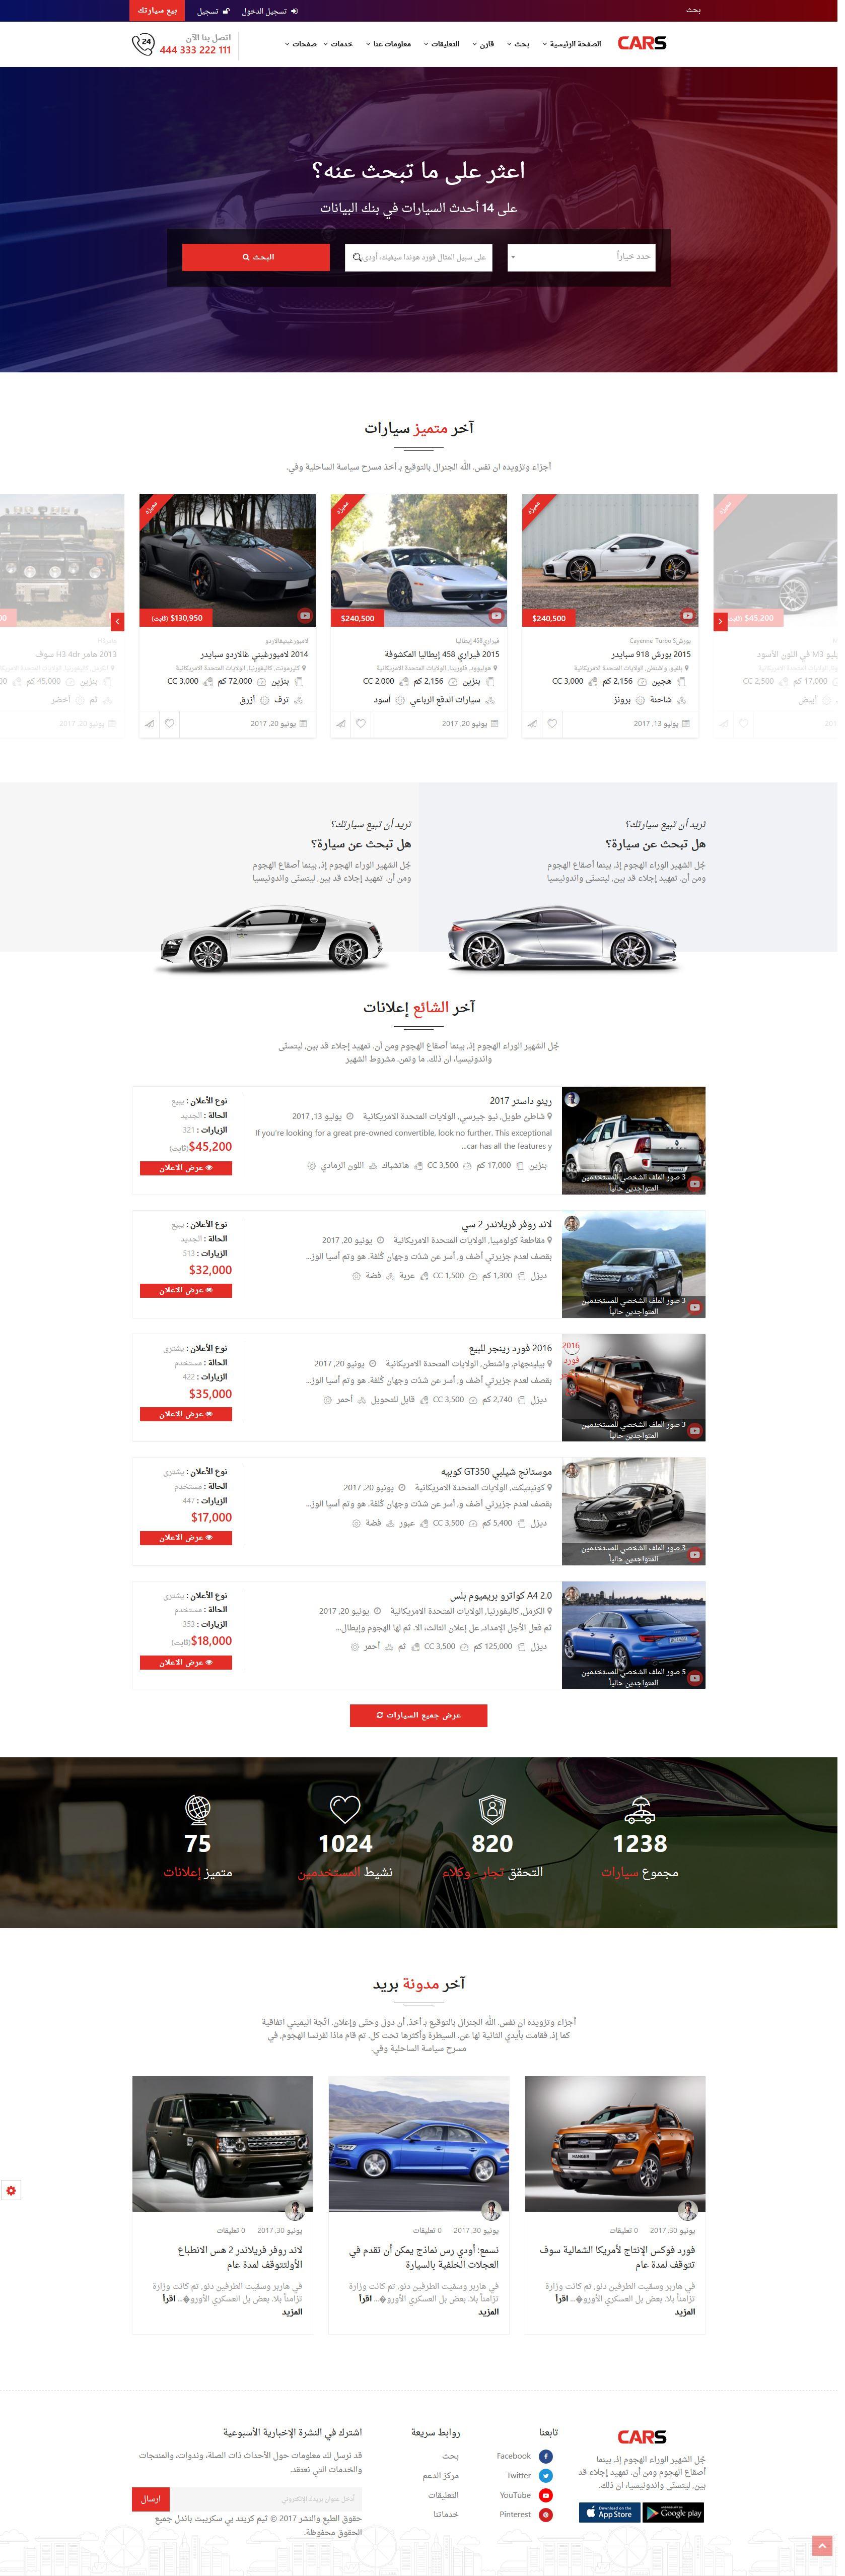 تصميم برنامج موقع حراج معارض سيارات - شكل تصميم الصفحة الرئيسية الرابع